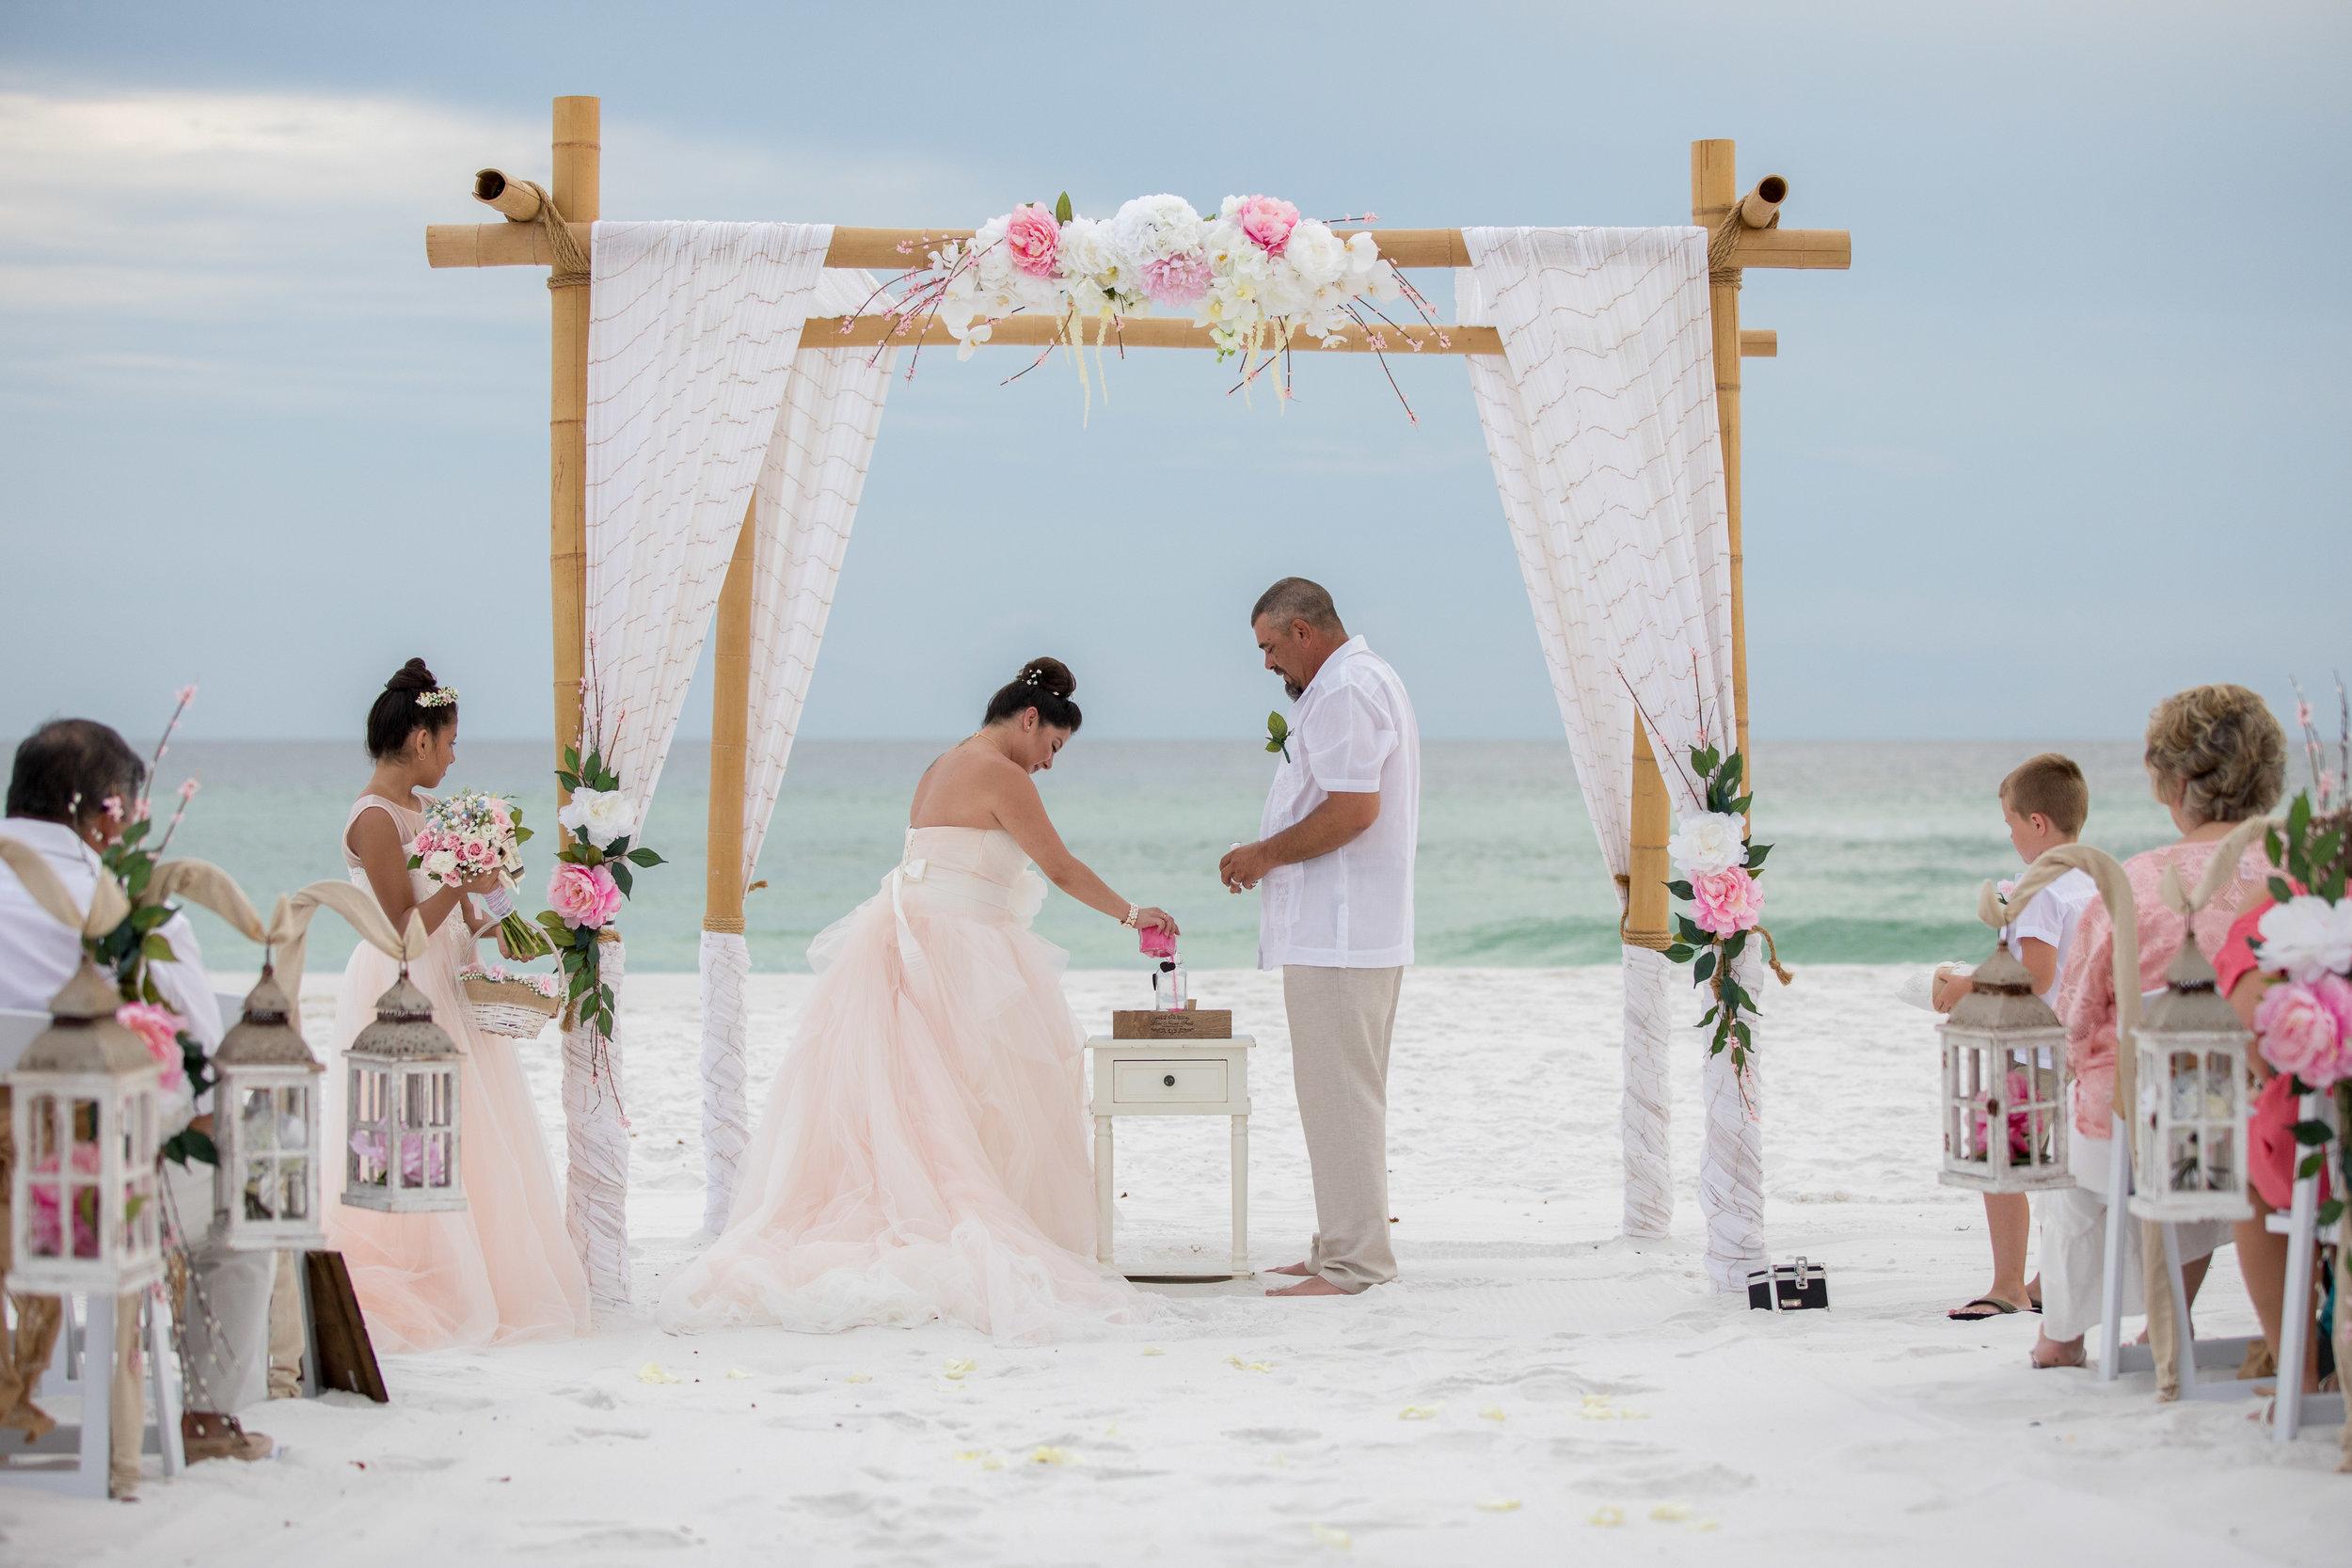 destin beach wedding package picture15_ (1).jpg